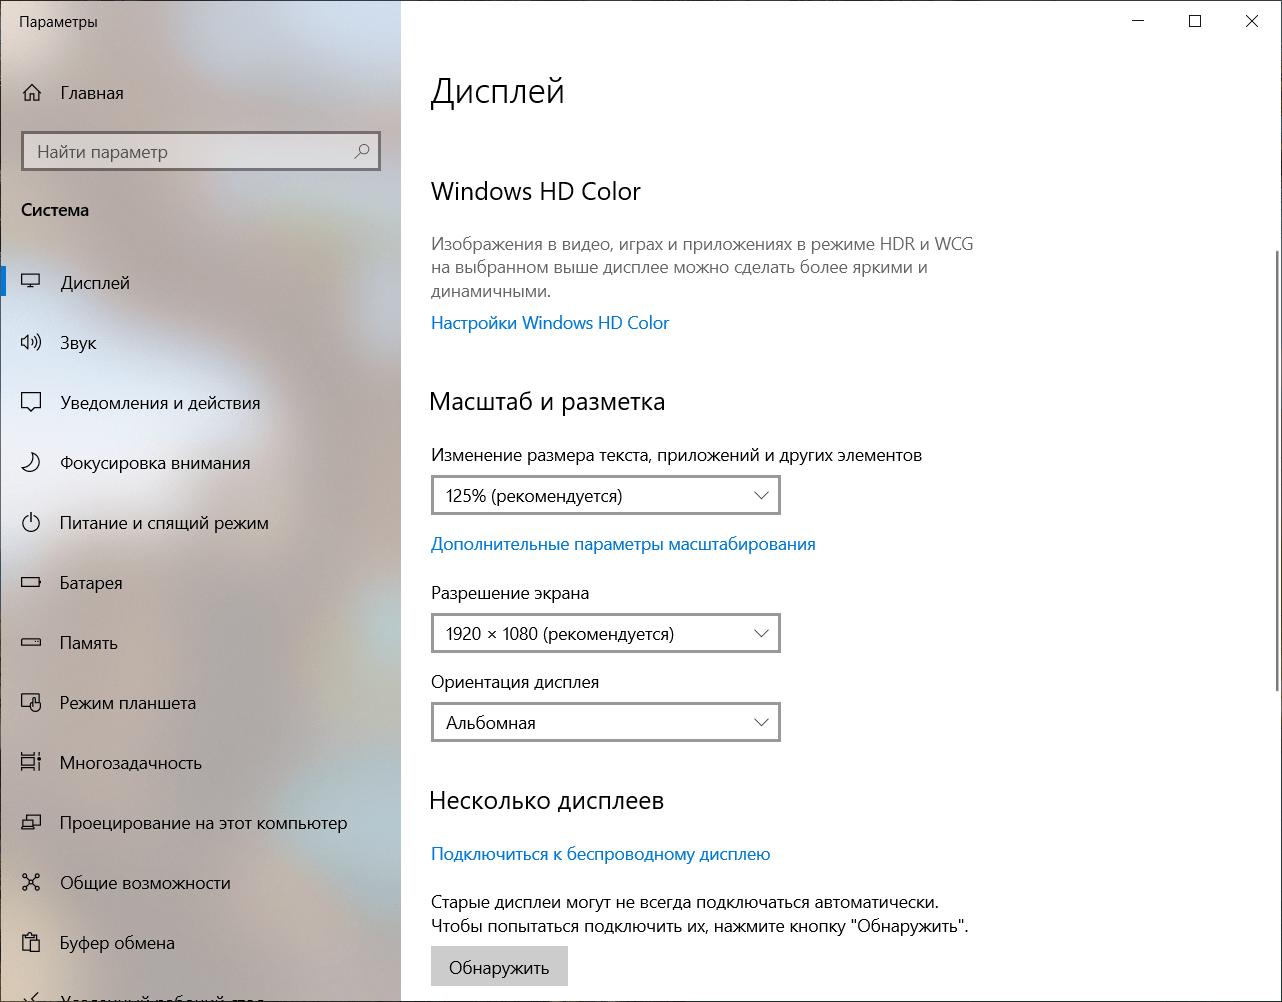 2021 01 21 131102 - Как настроить монитор для минимальной нагрузки на глаза для Windows 10